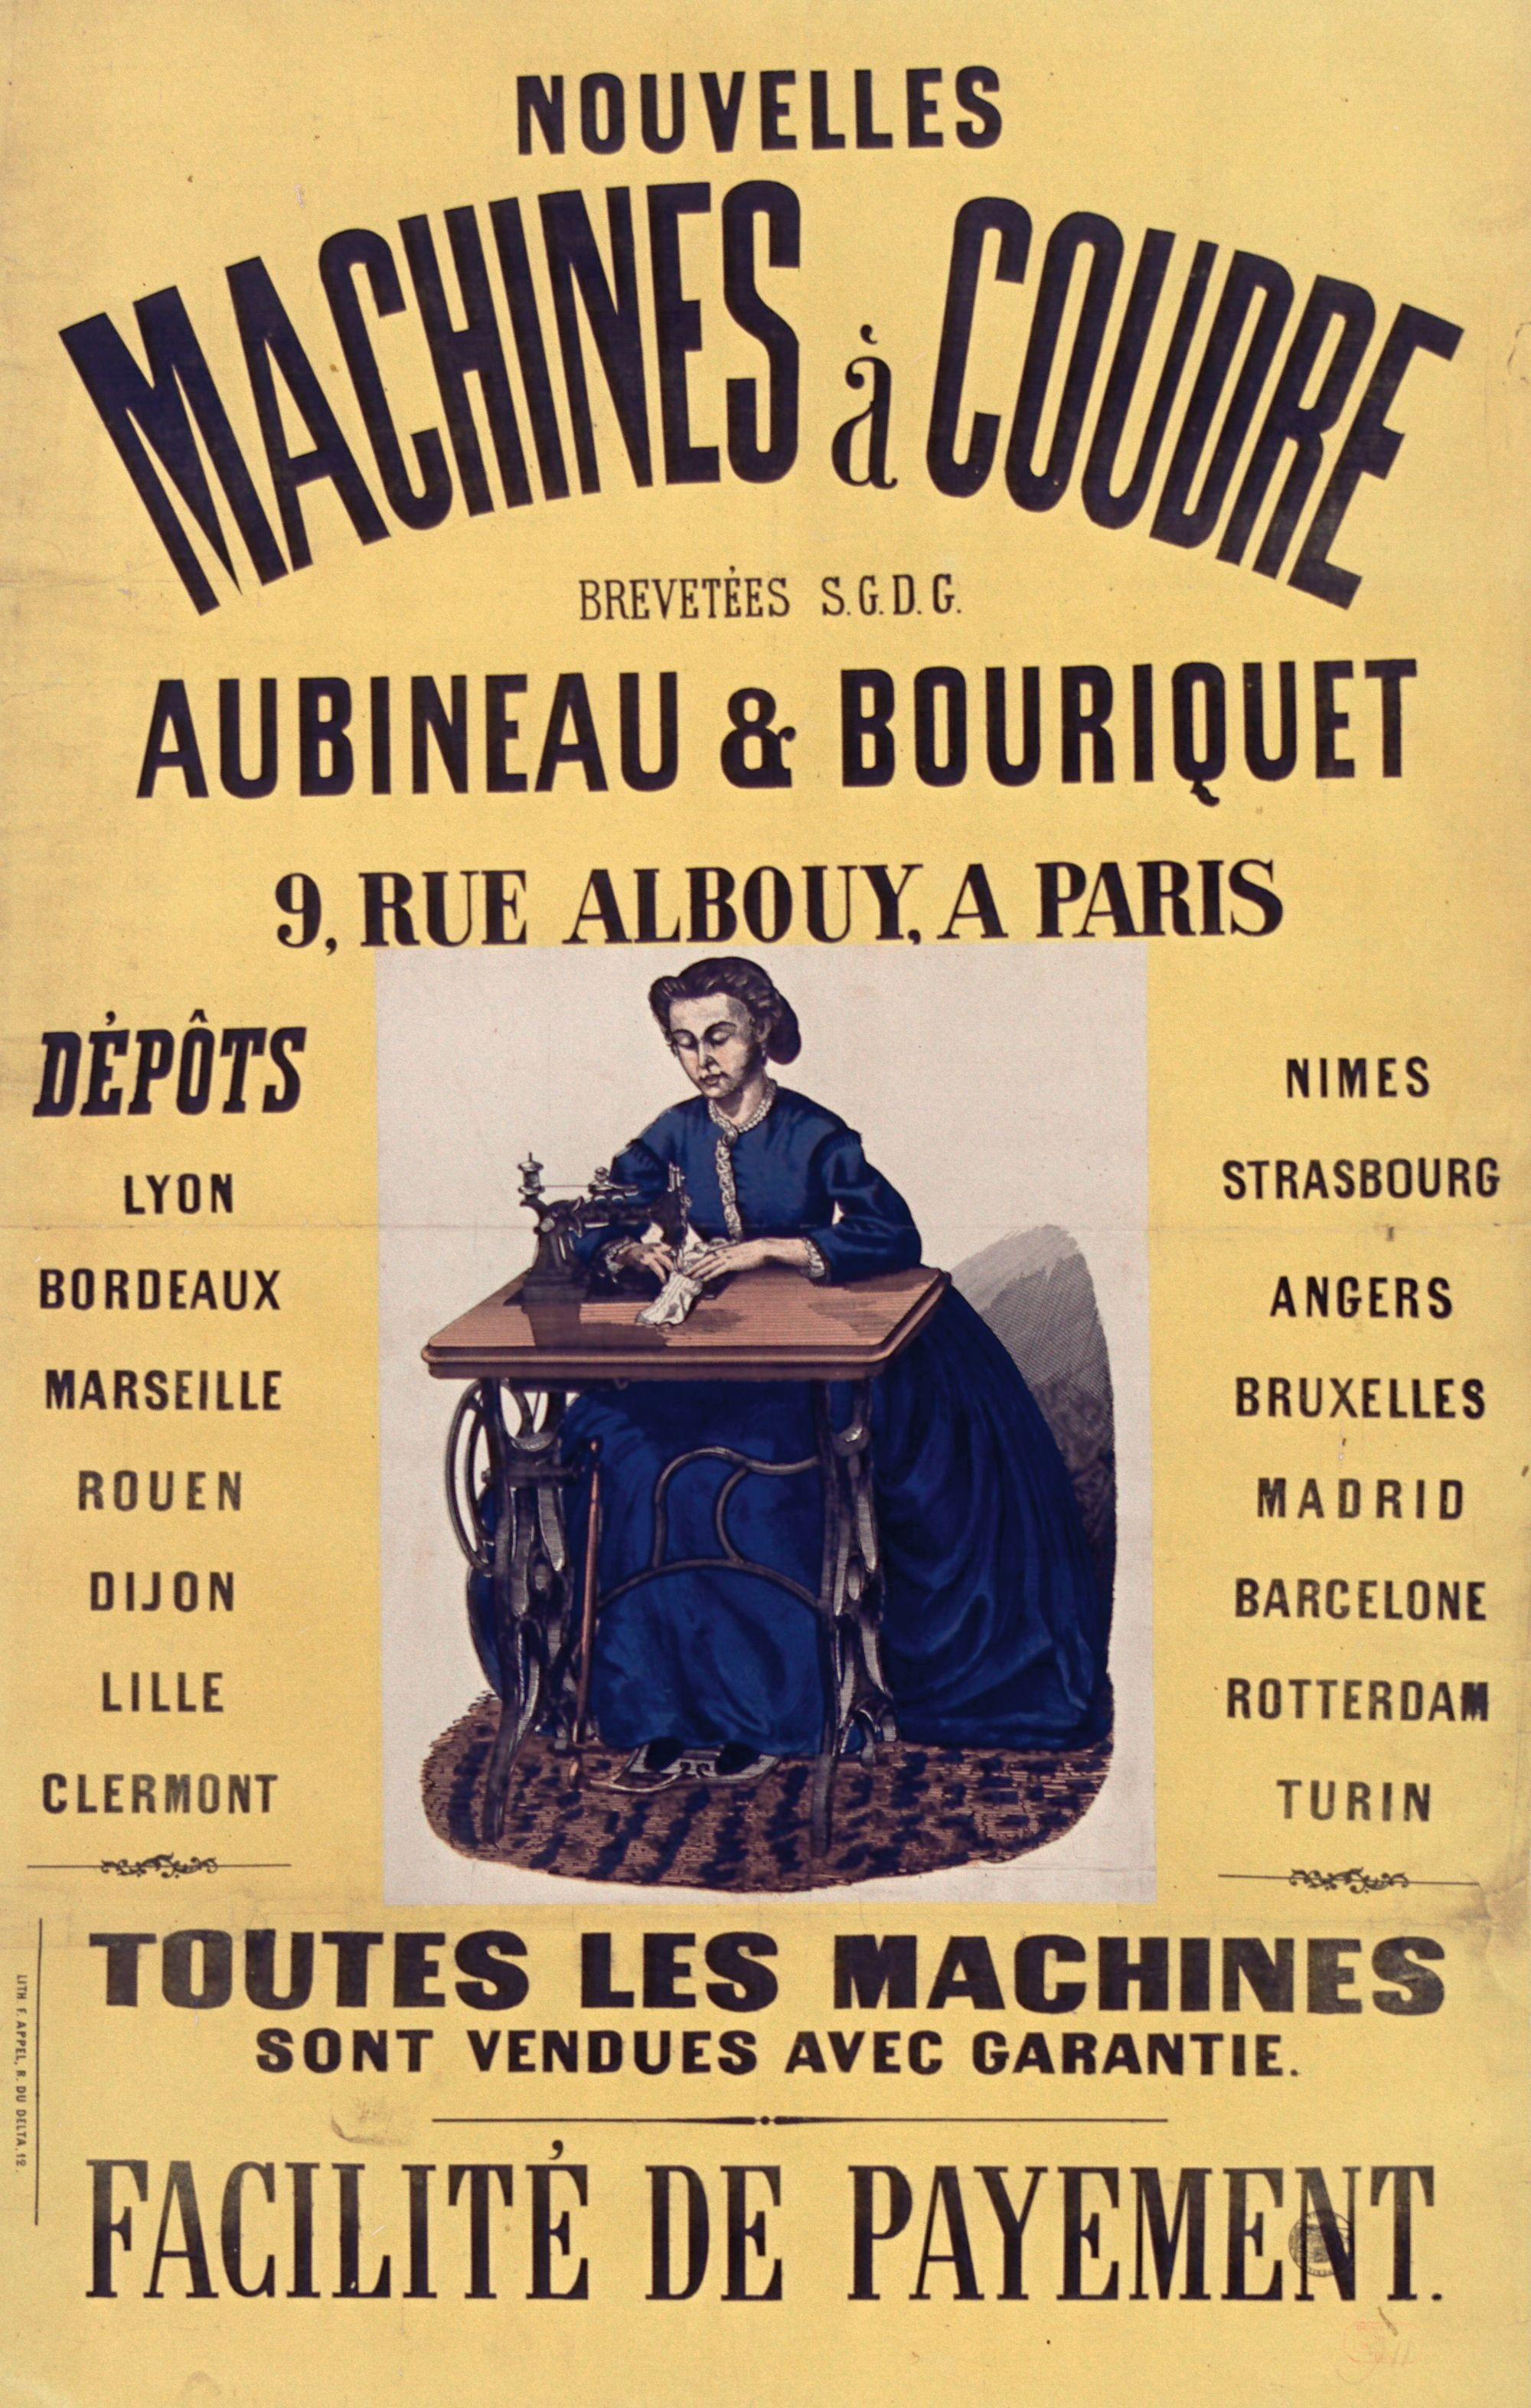 Machine à coudre Aubineau et Bouriquet, 1866, lithographie en couleur, 106 x 68 cm, BnF, Paris.